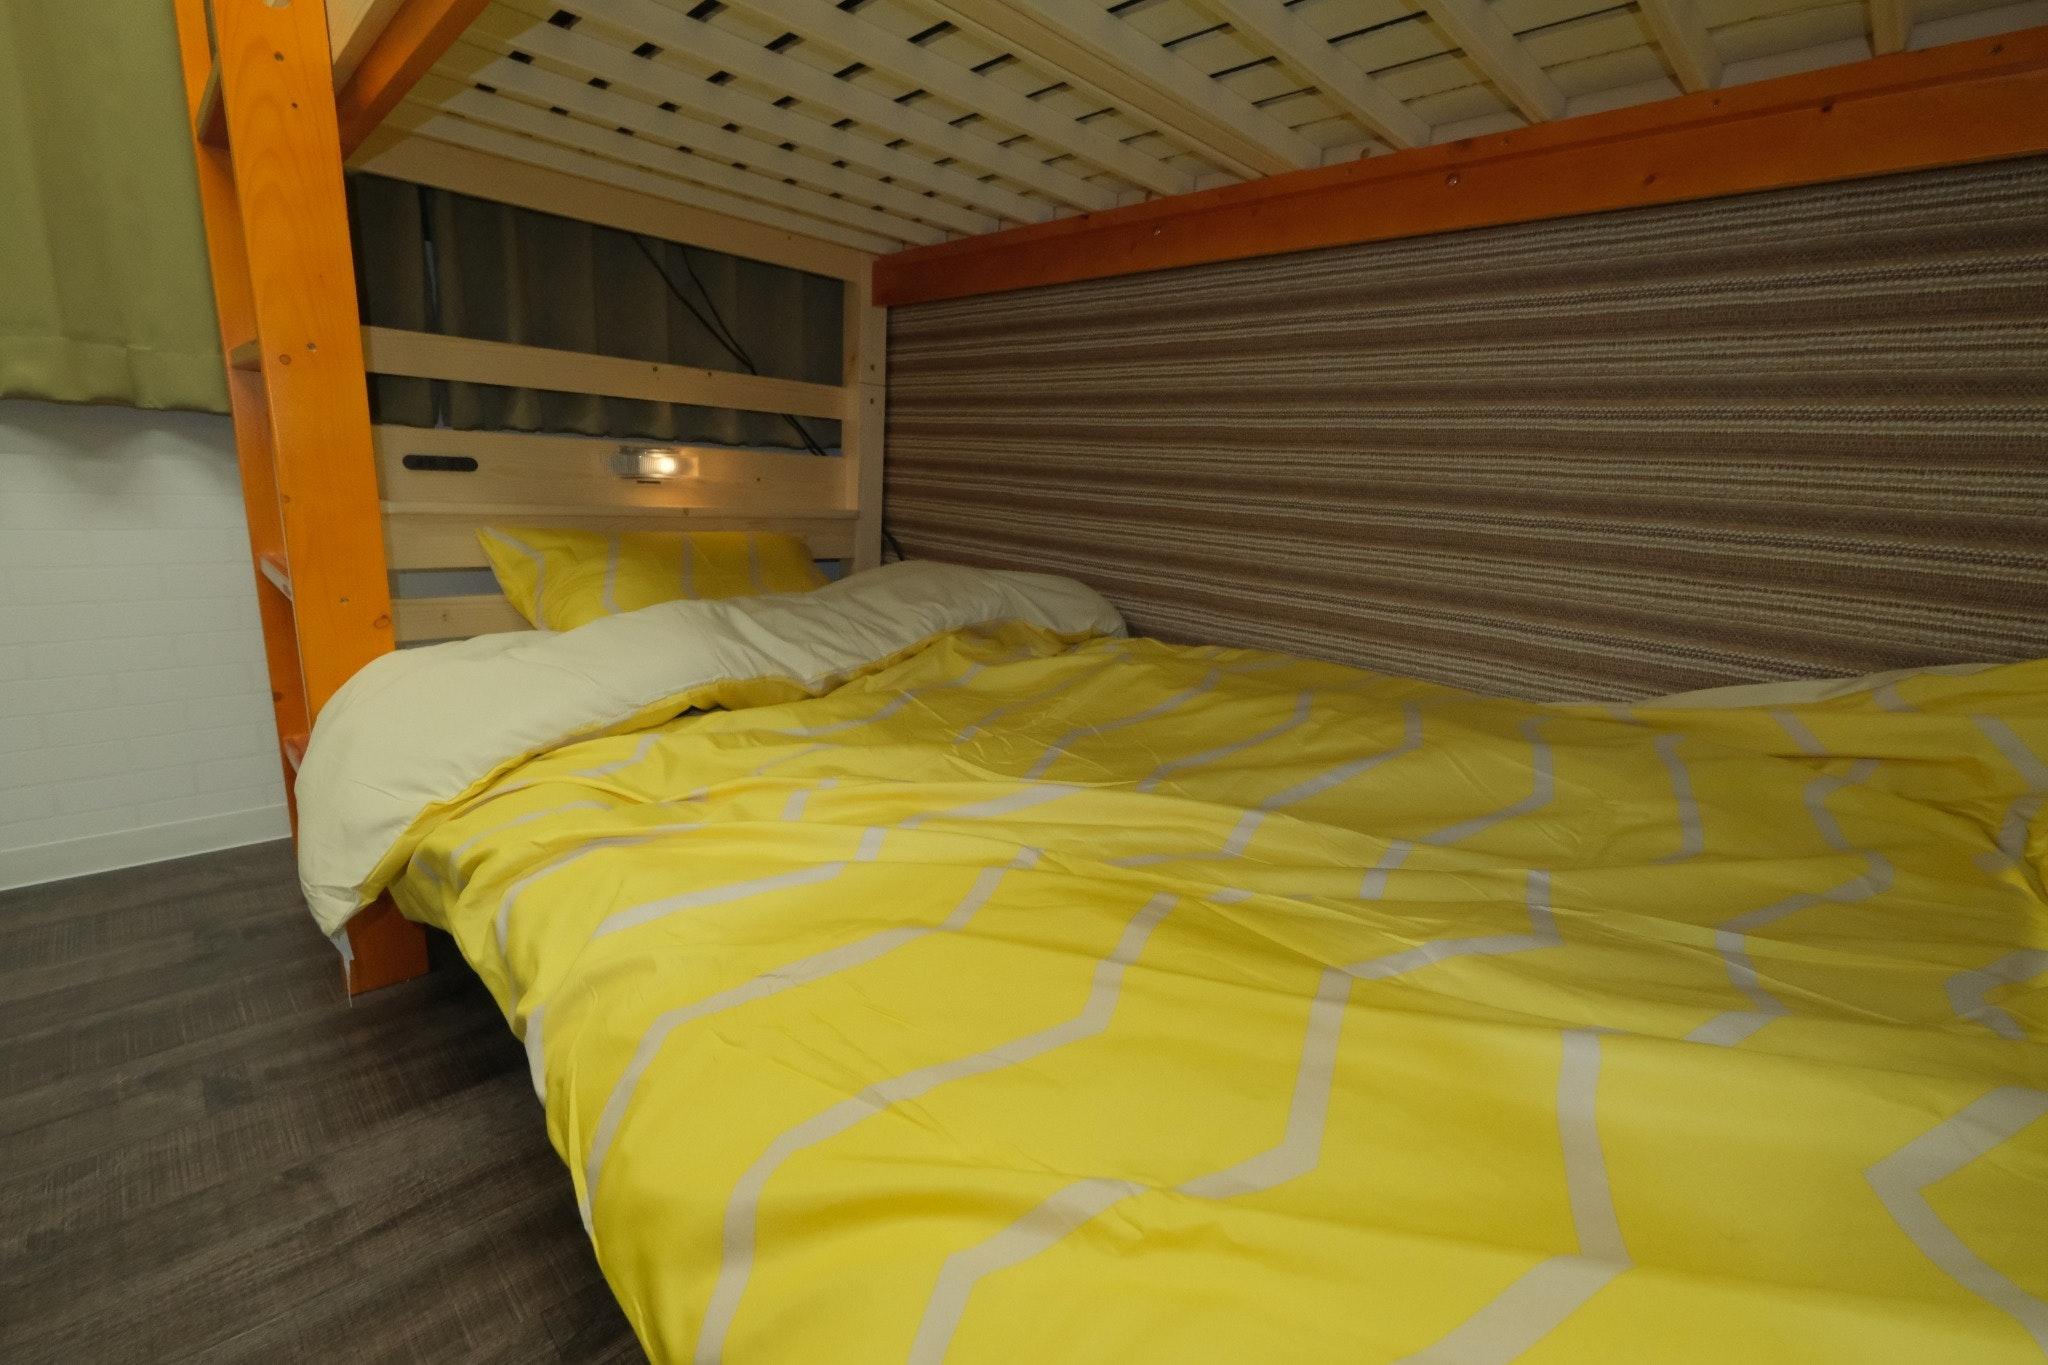 新規オープン!!下町グルメの街で、素足が気持ちよい明るい和風デザイン部屋です。♢藤♢